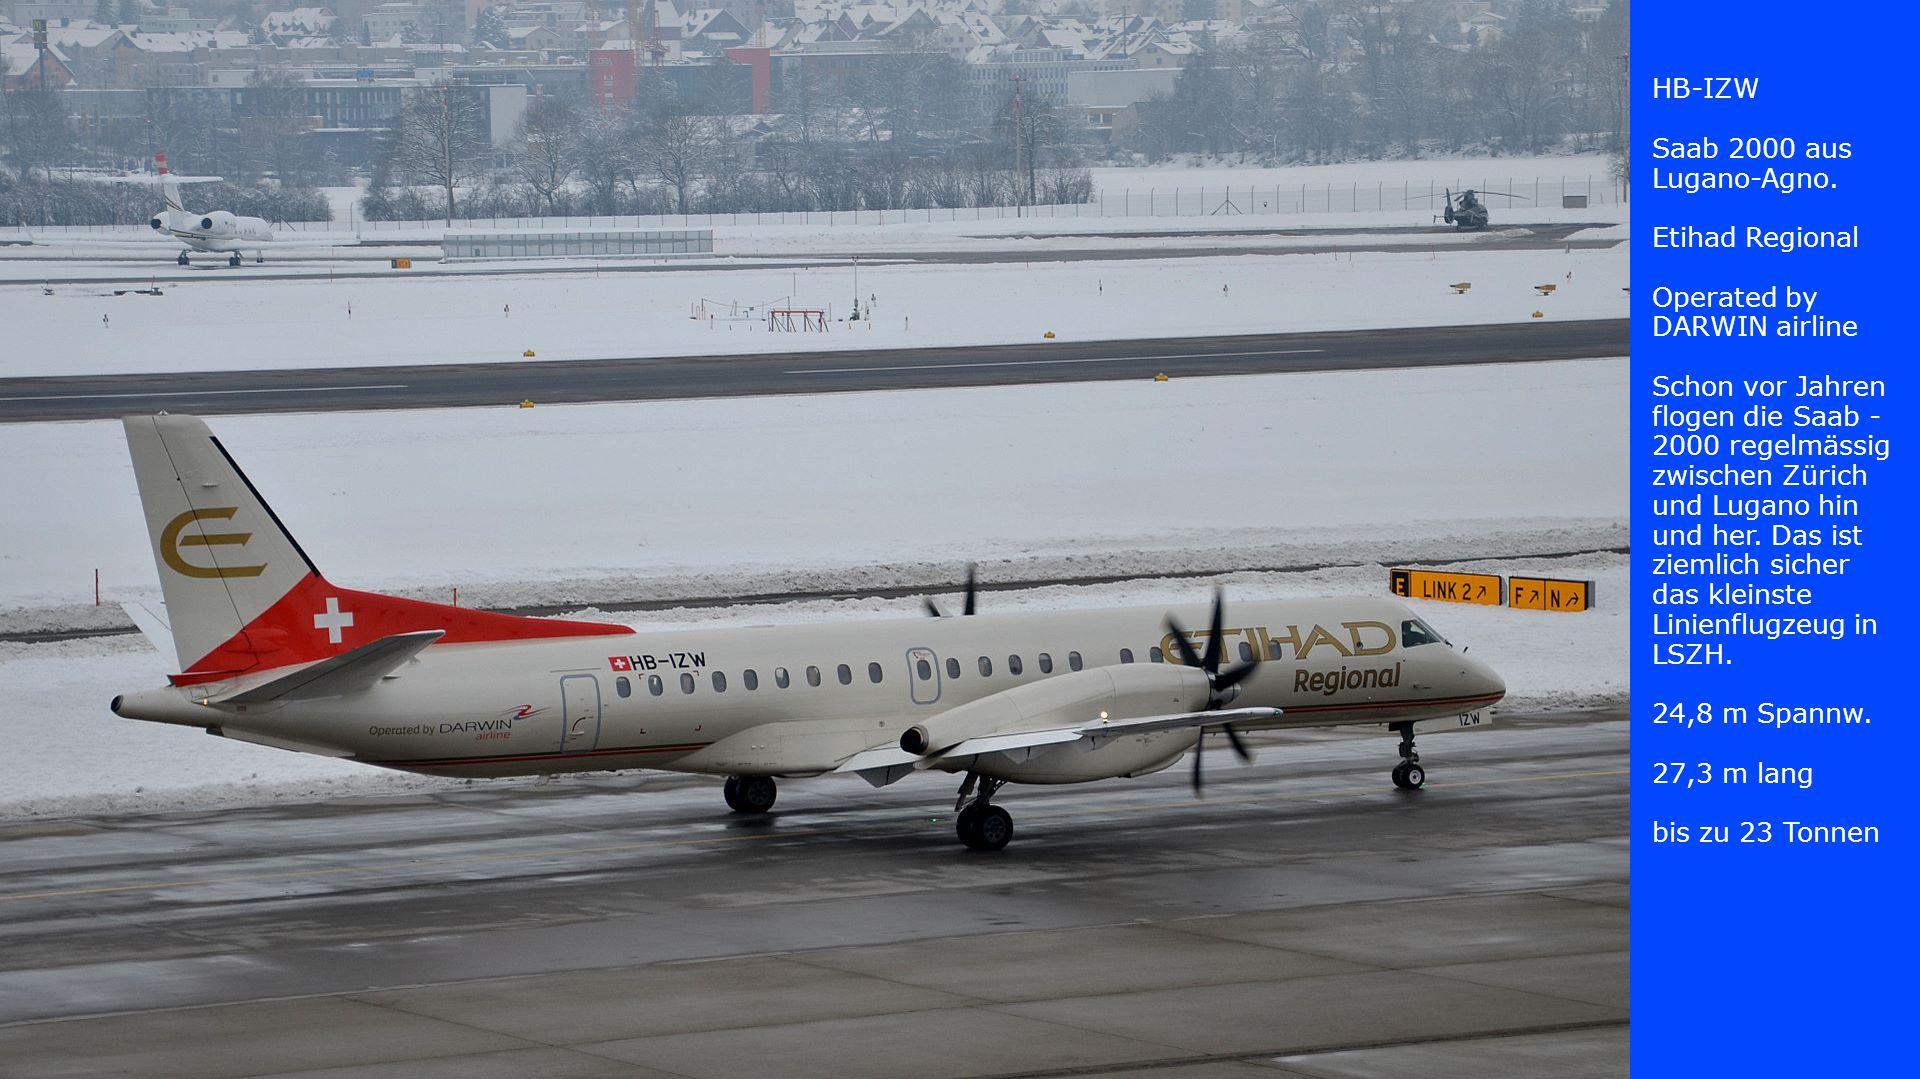 HB-IZW Saab 2000 aus Lugano-Agno. Etihad Regional. Operated by DARWIN airline. Schon vor Jahren flogen die Saab -